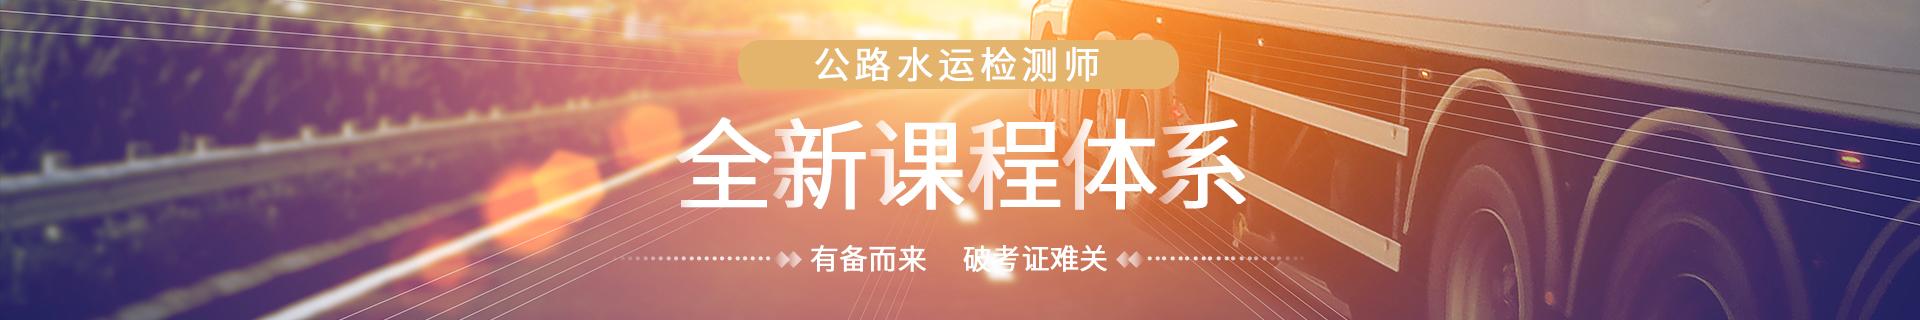 河北张家口优路教育培训学校